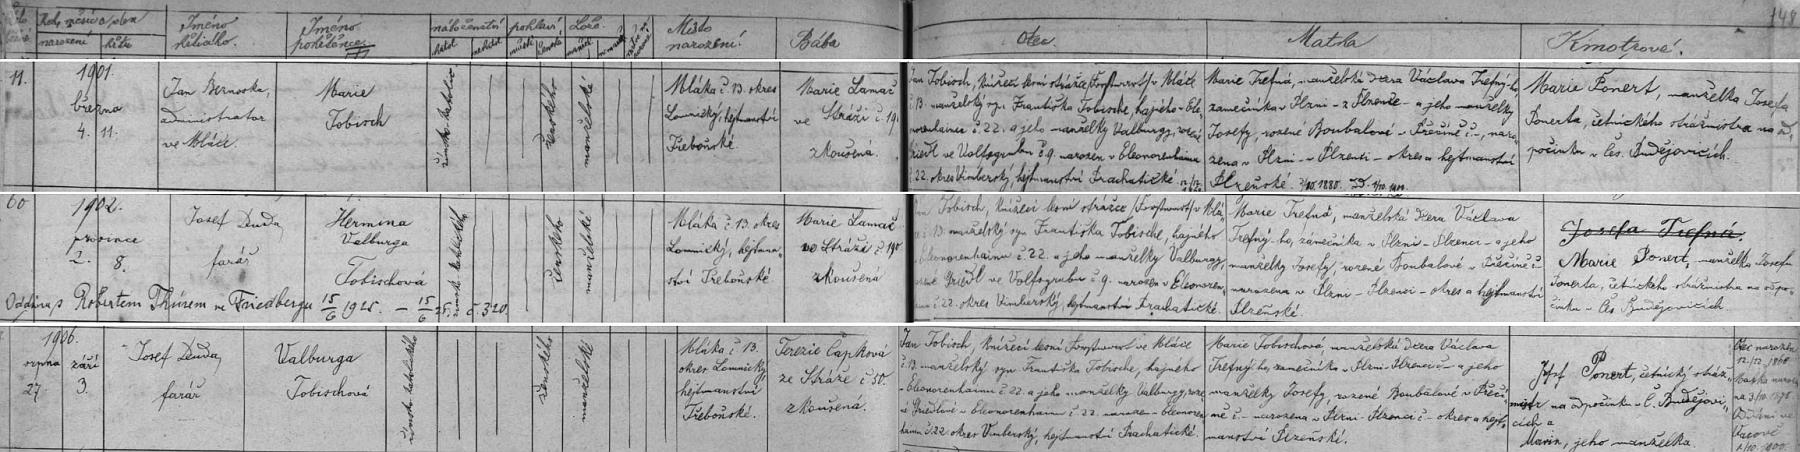 Česky psané záznamy o narození tří dědečkových dcer ve vsi Mláka čp. 13 poskytují i cenné údaje o jejich otci a matce, roz. Trefné z Plzně-Plzence